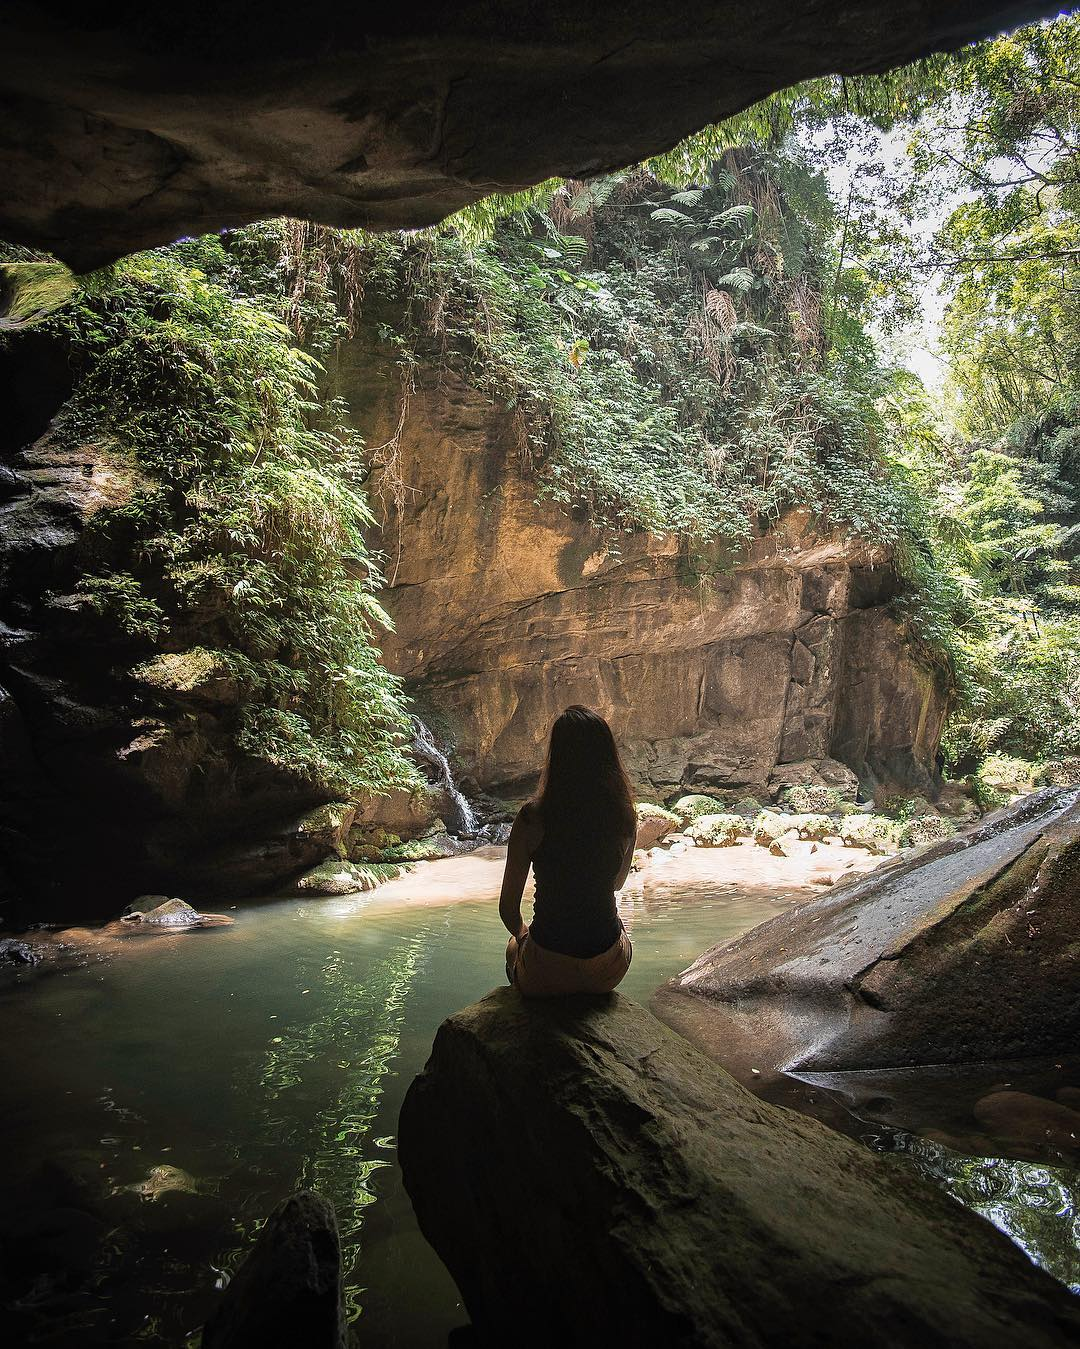 2021過年旅遊景點推薦,春節旅遊桃園走春景點